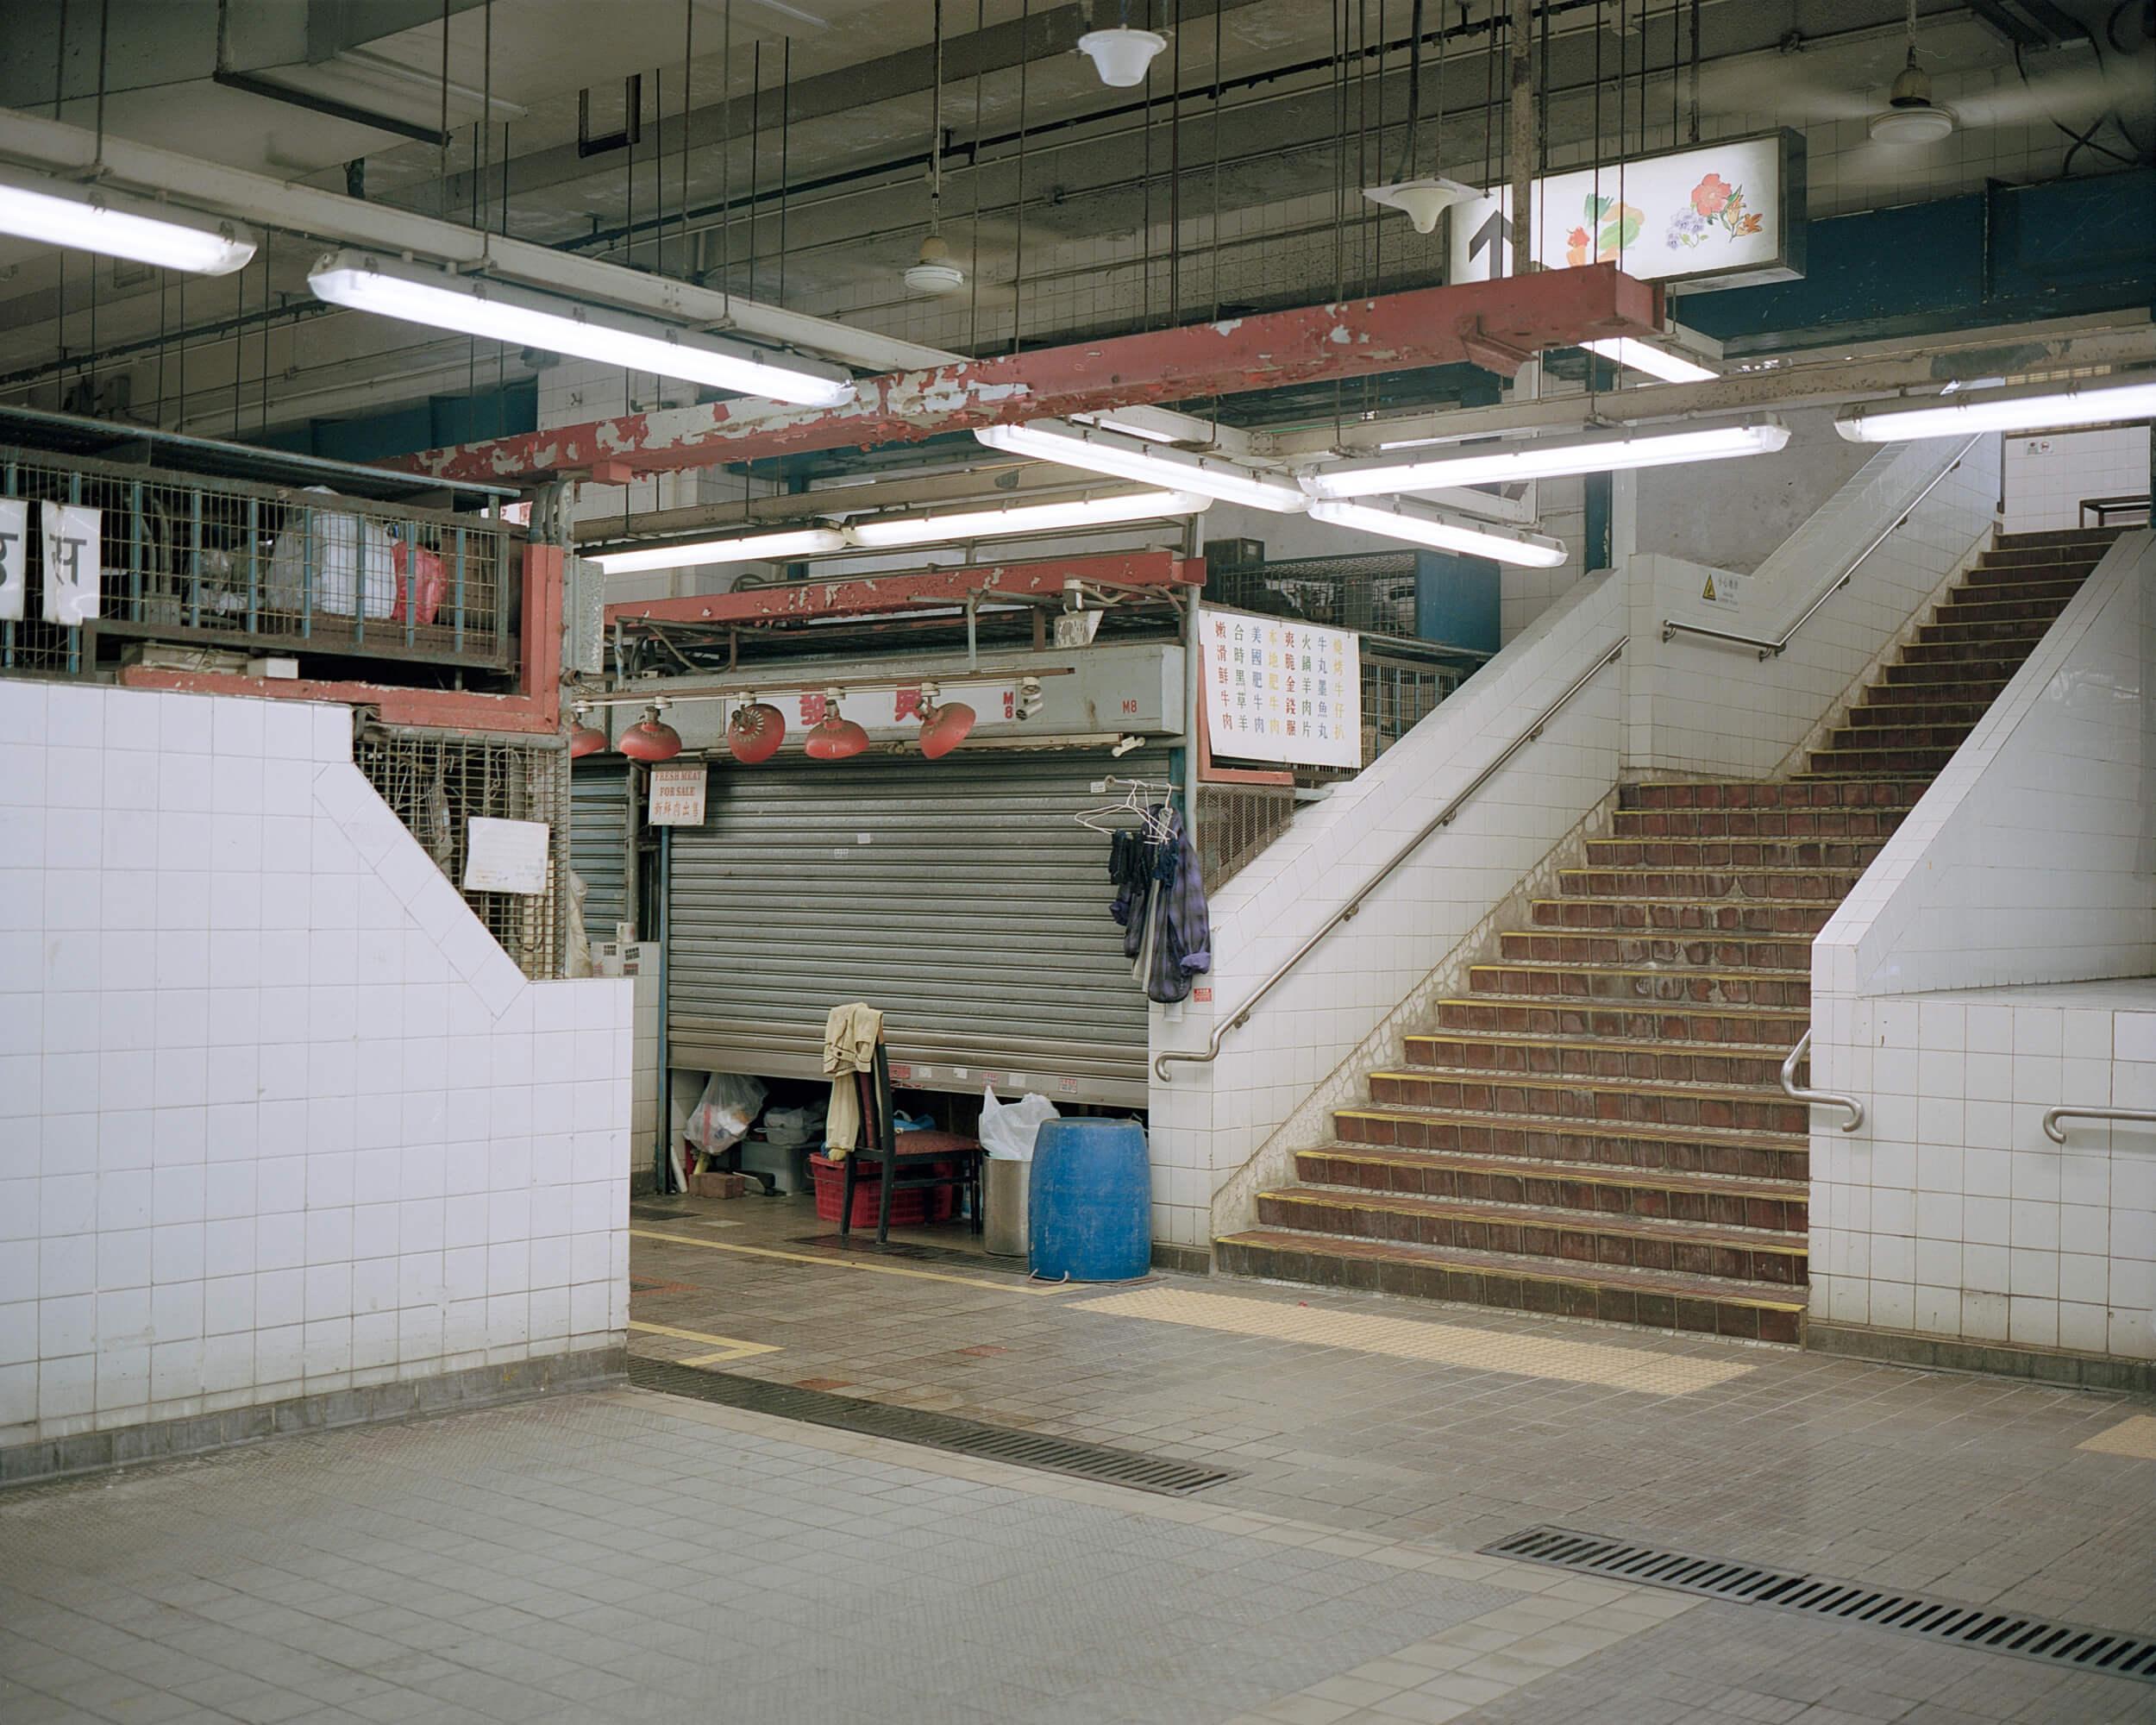 marco-barbieri-postmodernity-25.jpg